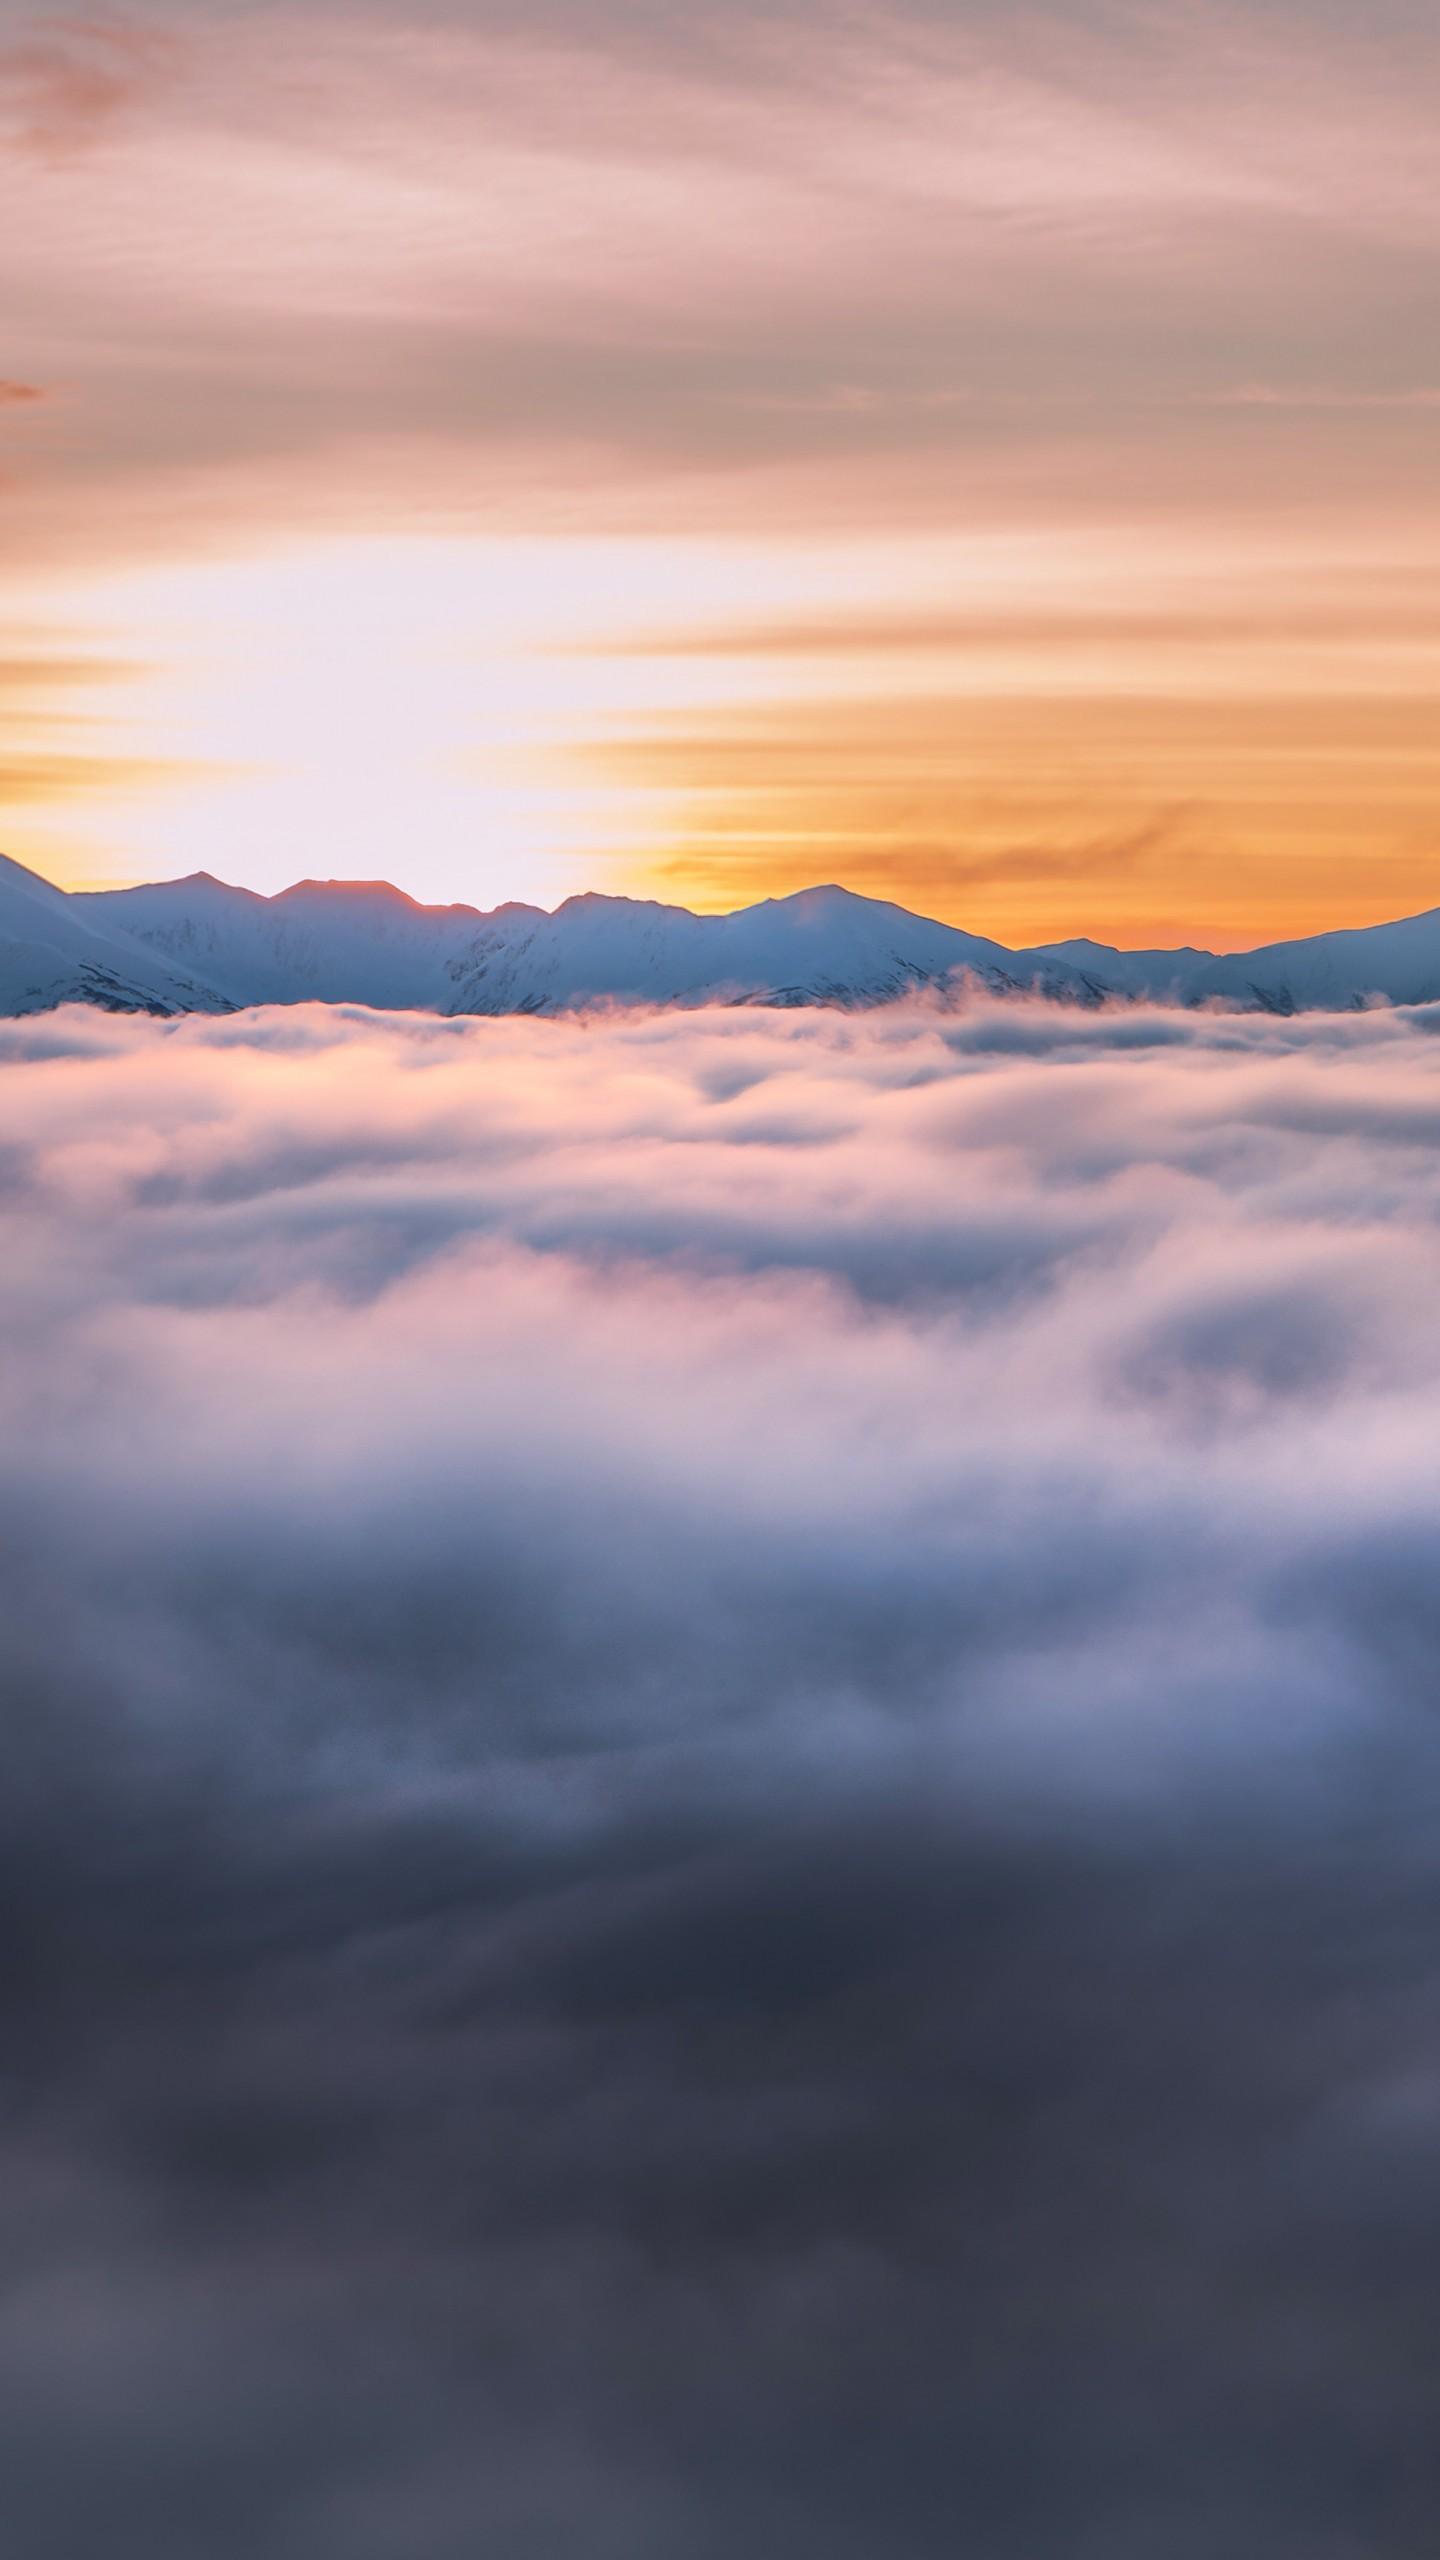 عکس زمینه طلوع خورشید بالای ابرها پس زمینه